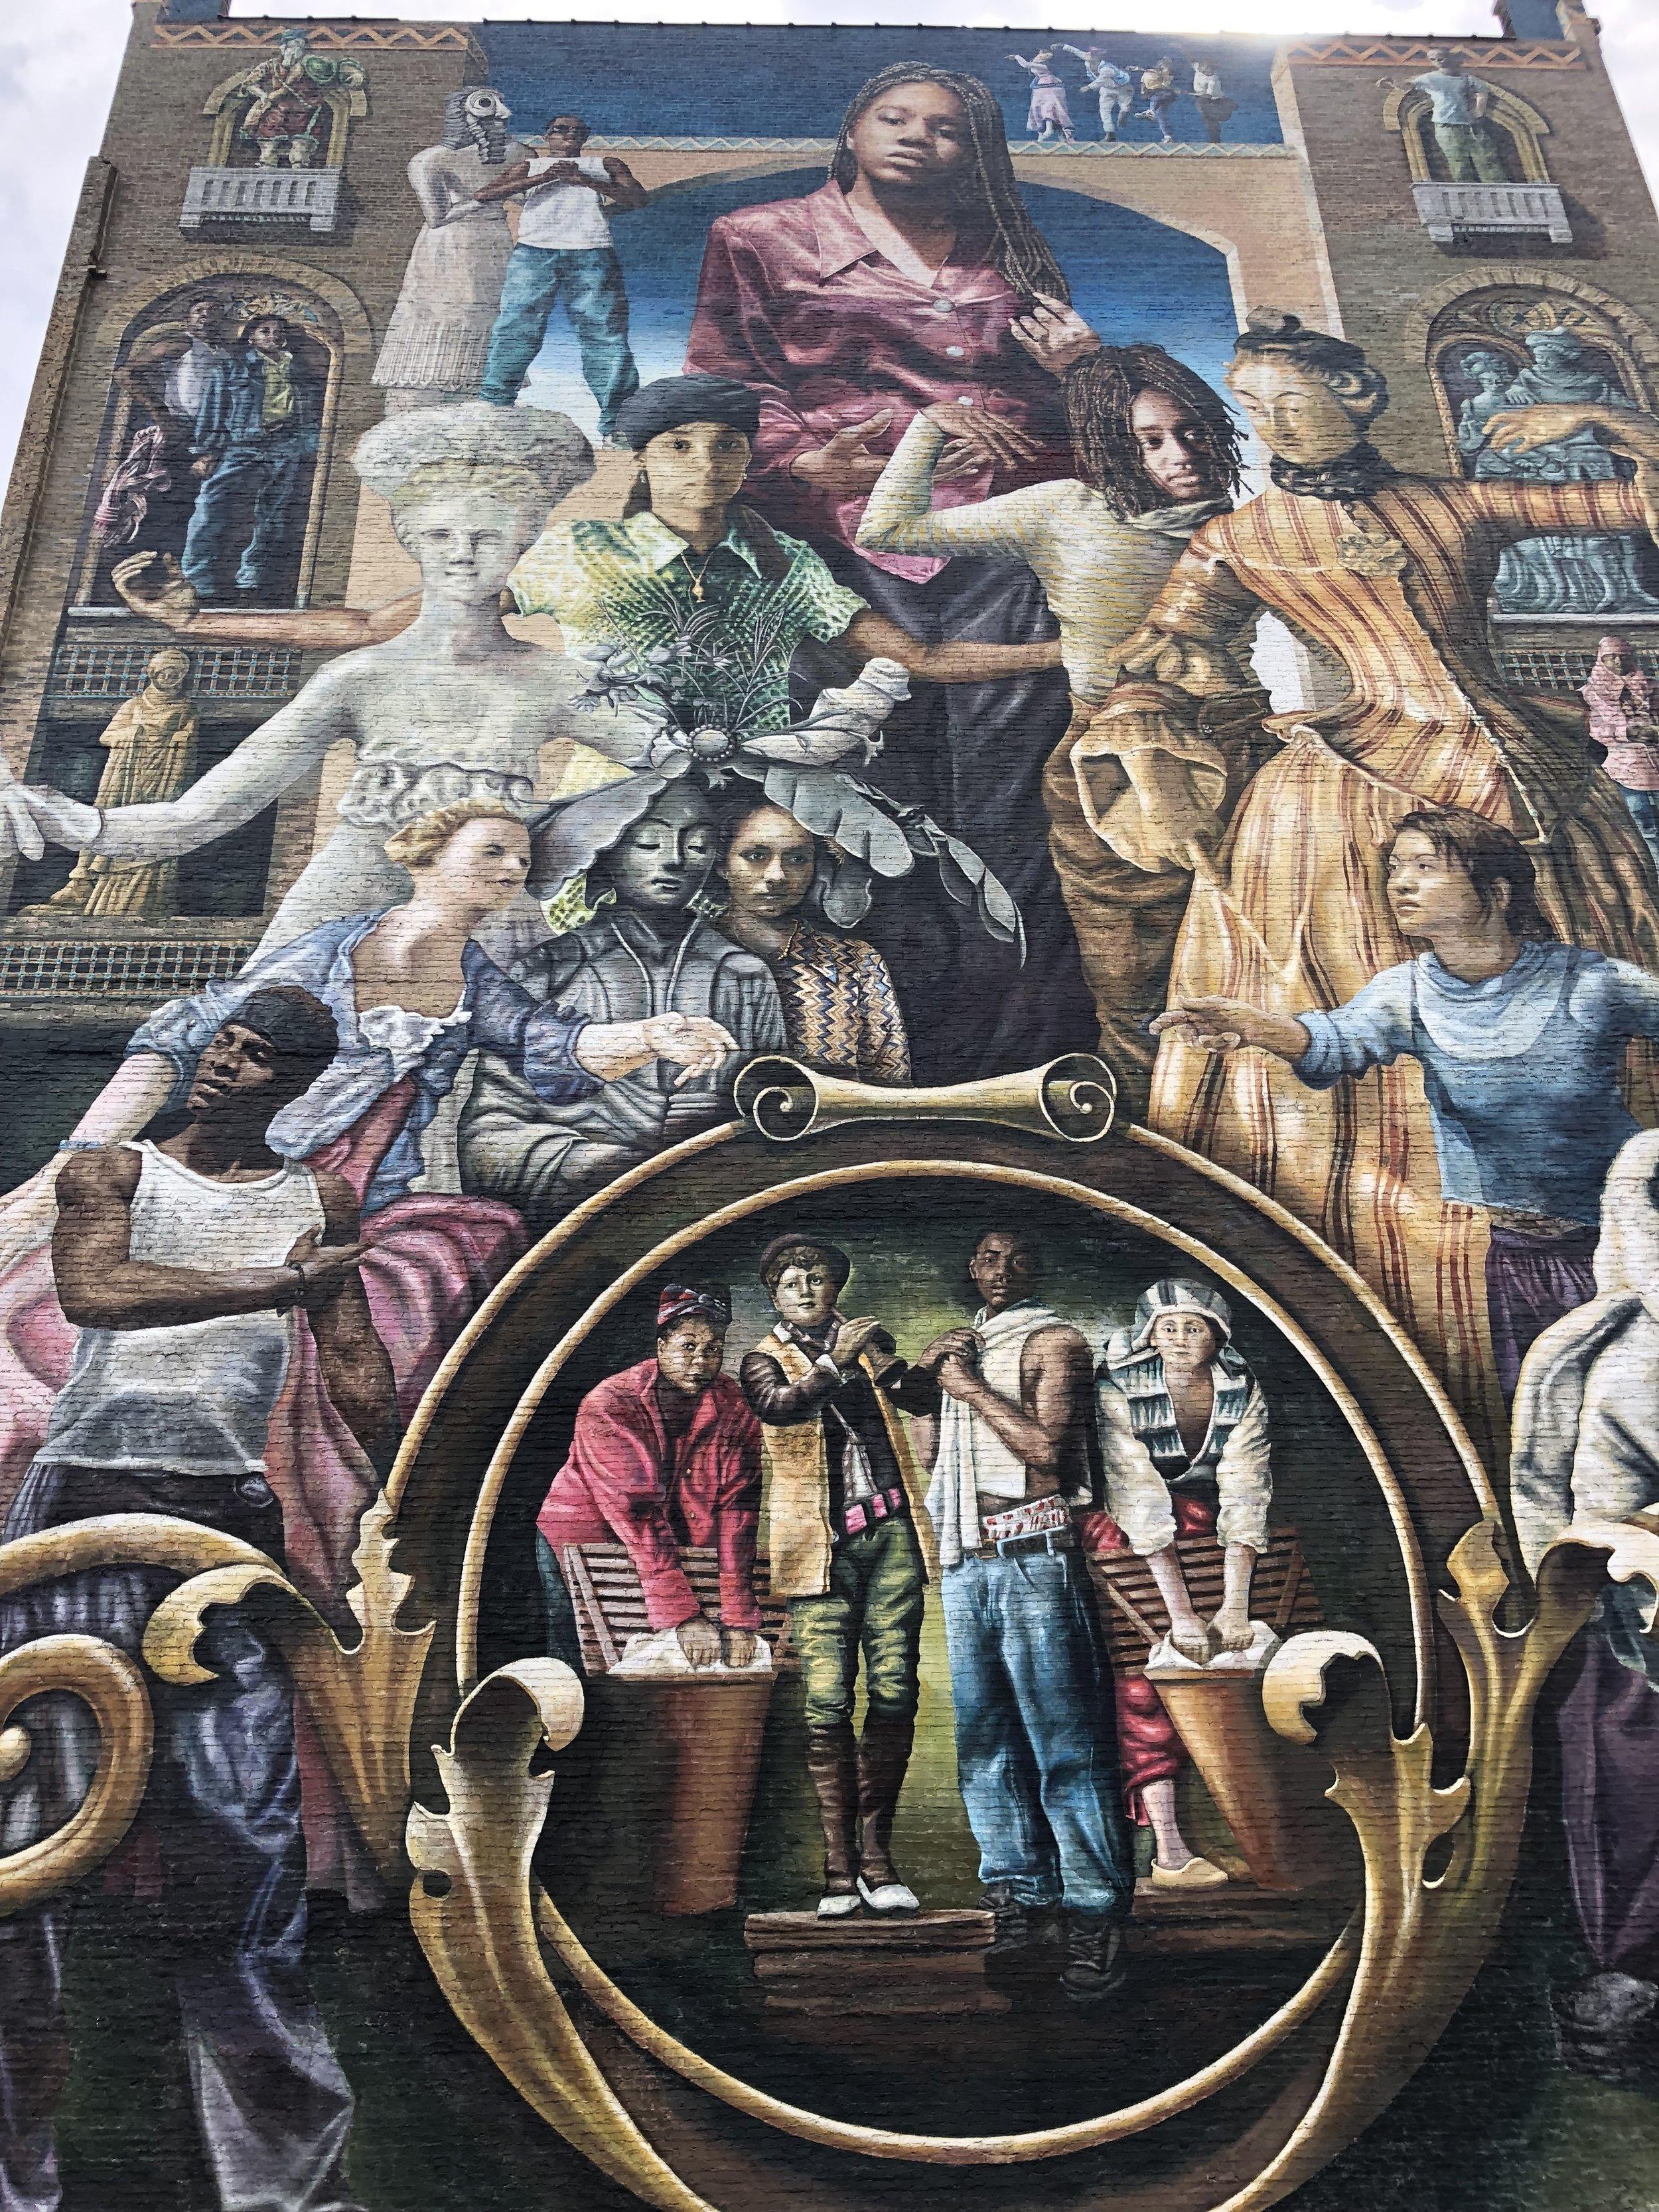 Mural by Meg Saligman at Brandywine Street and North Broad Street in Philadelphia.